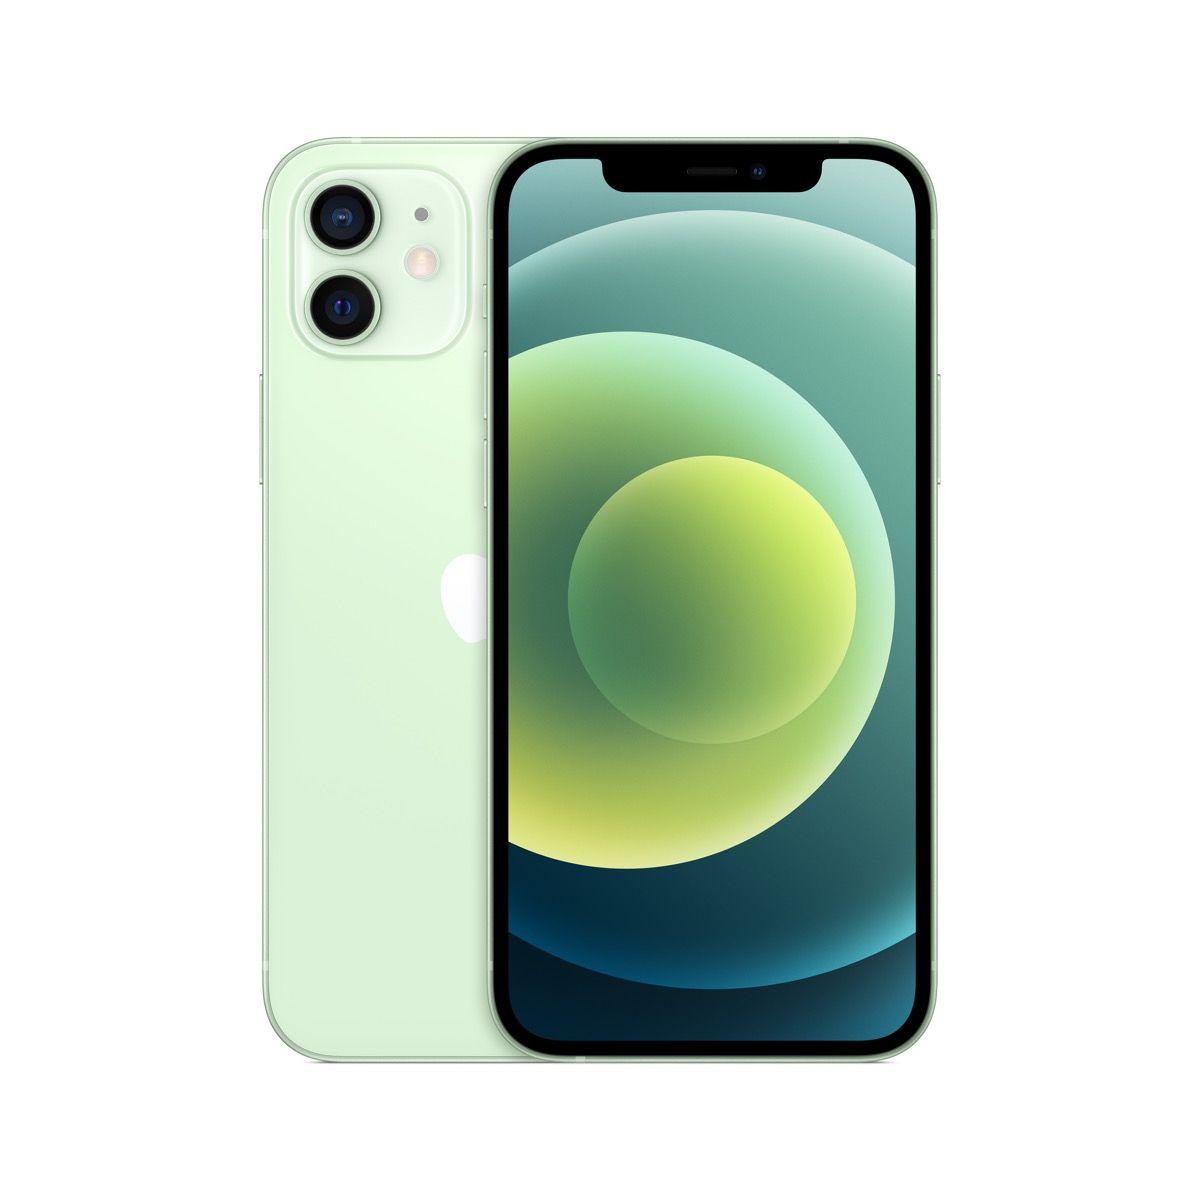 Apple iPhone 12 mini 128GB Green / SK